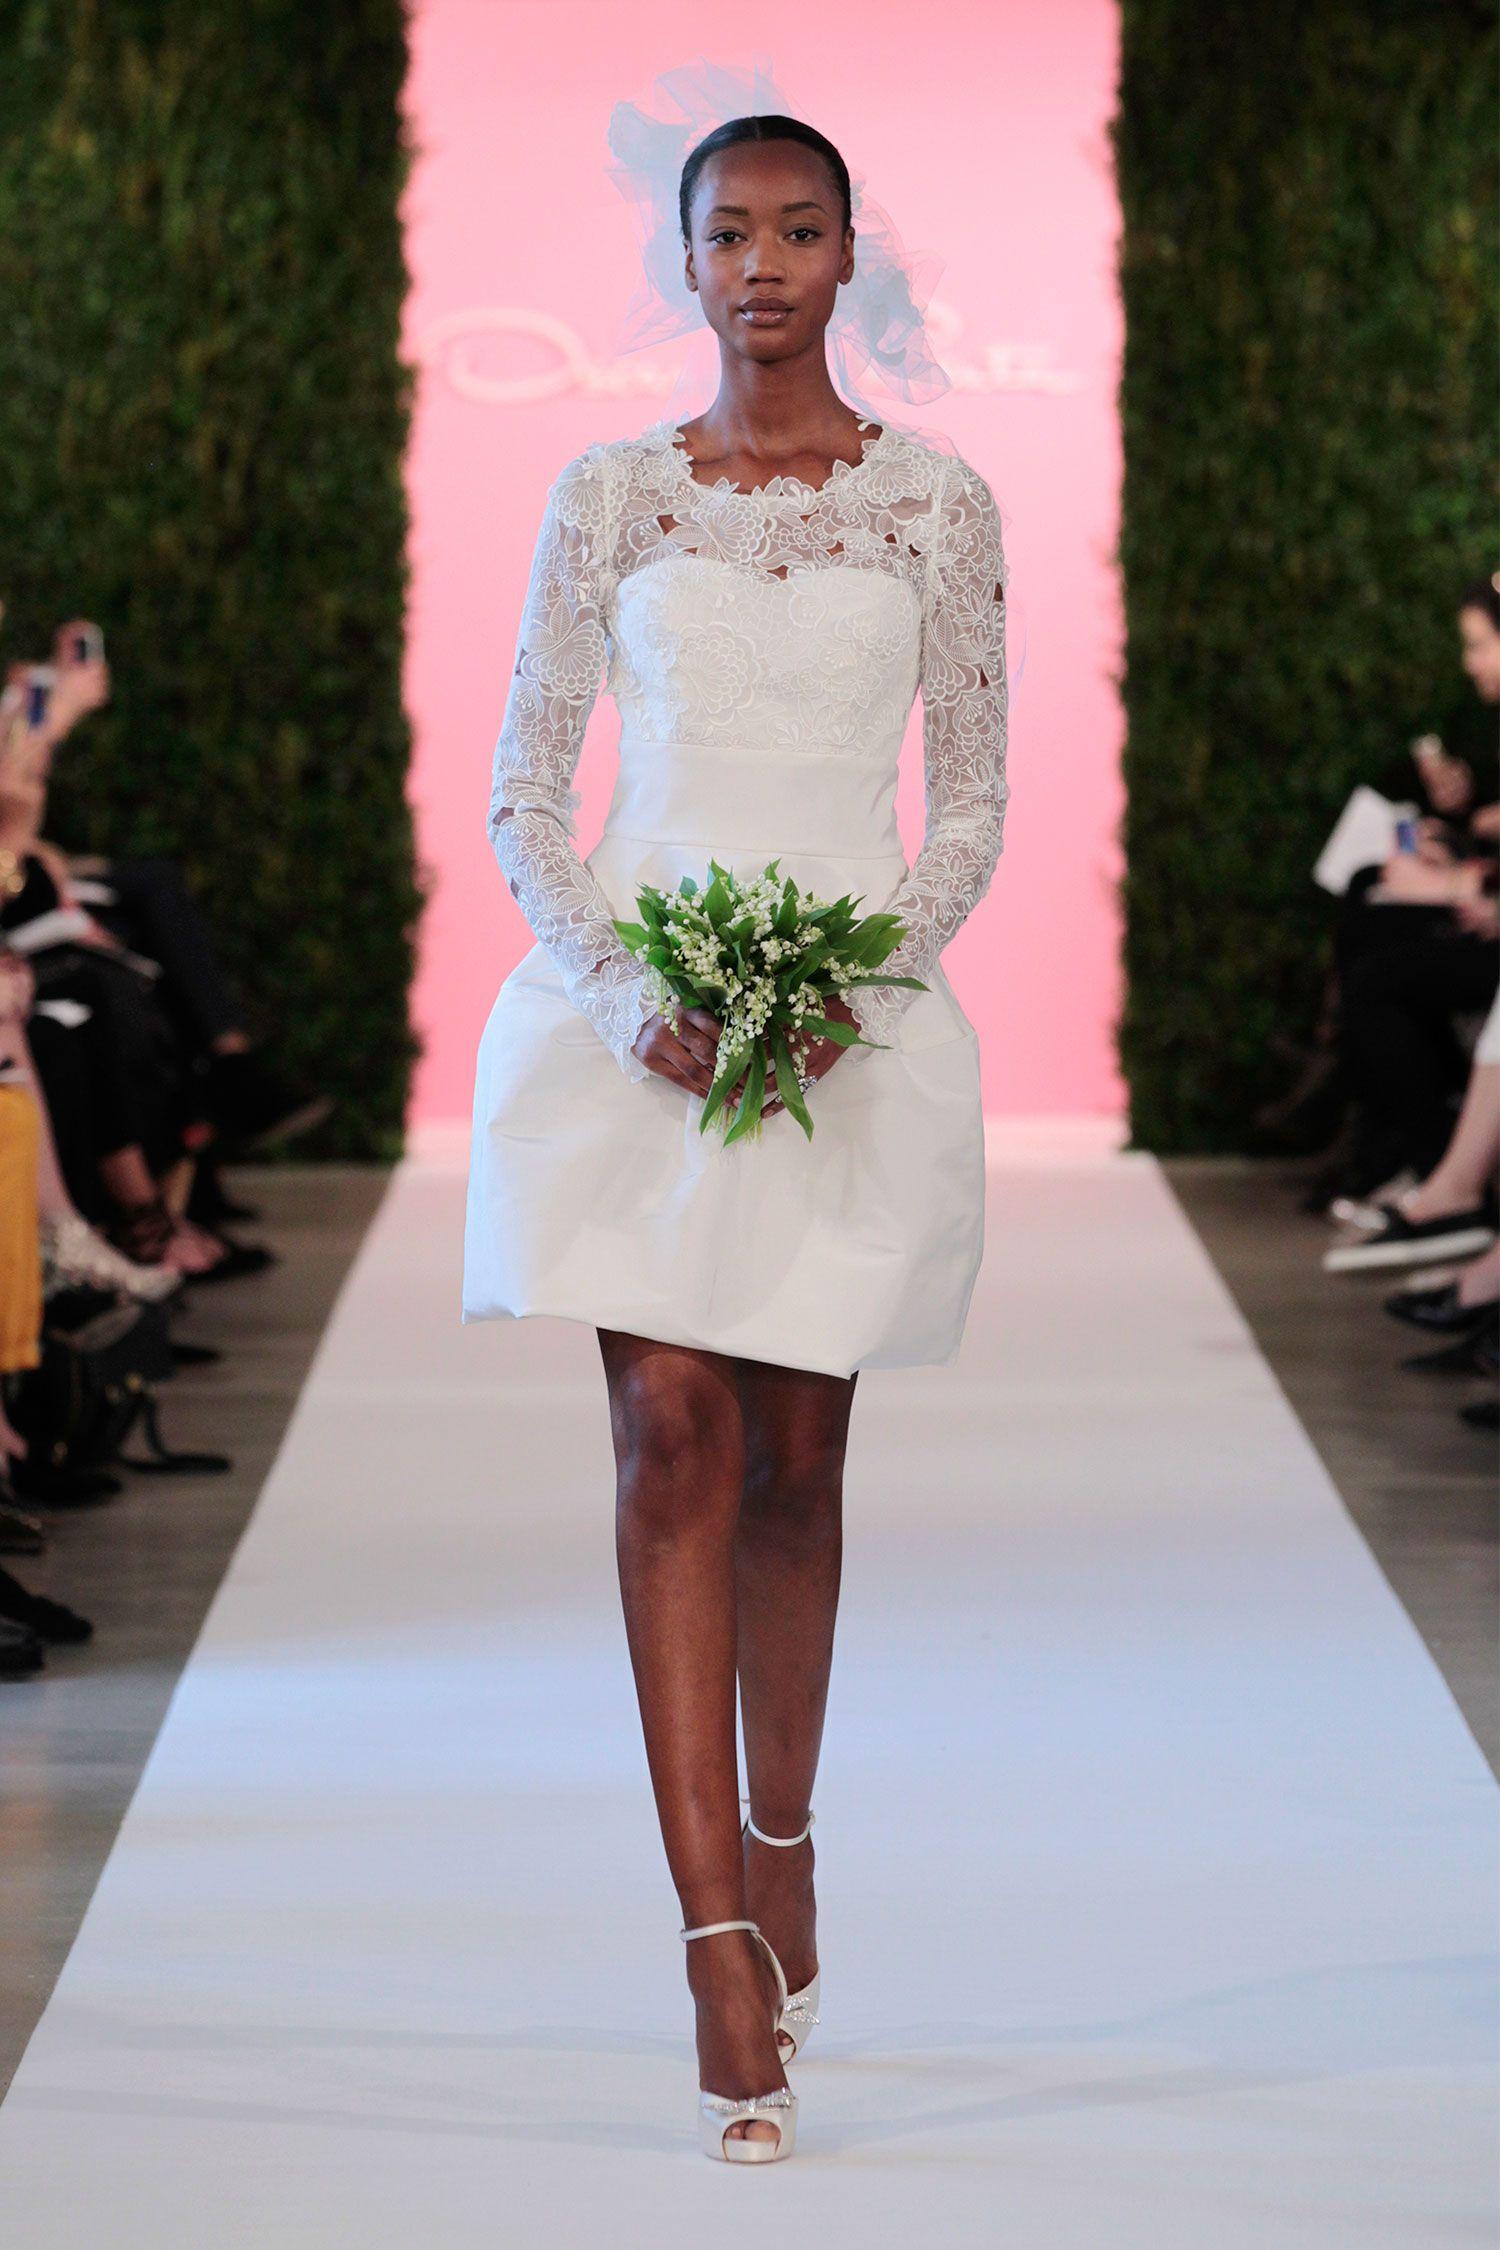 Best in bridal spring wedding trends oscar de la renta